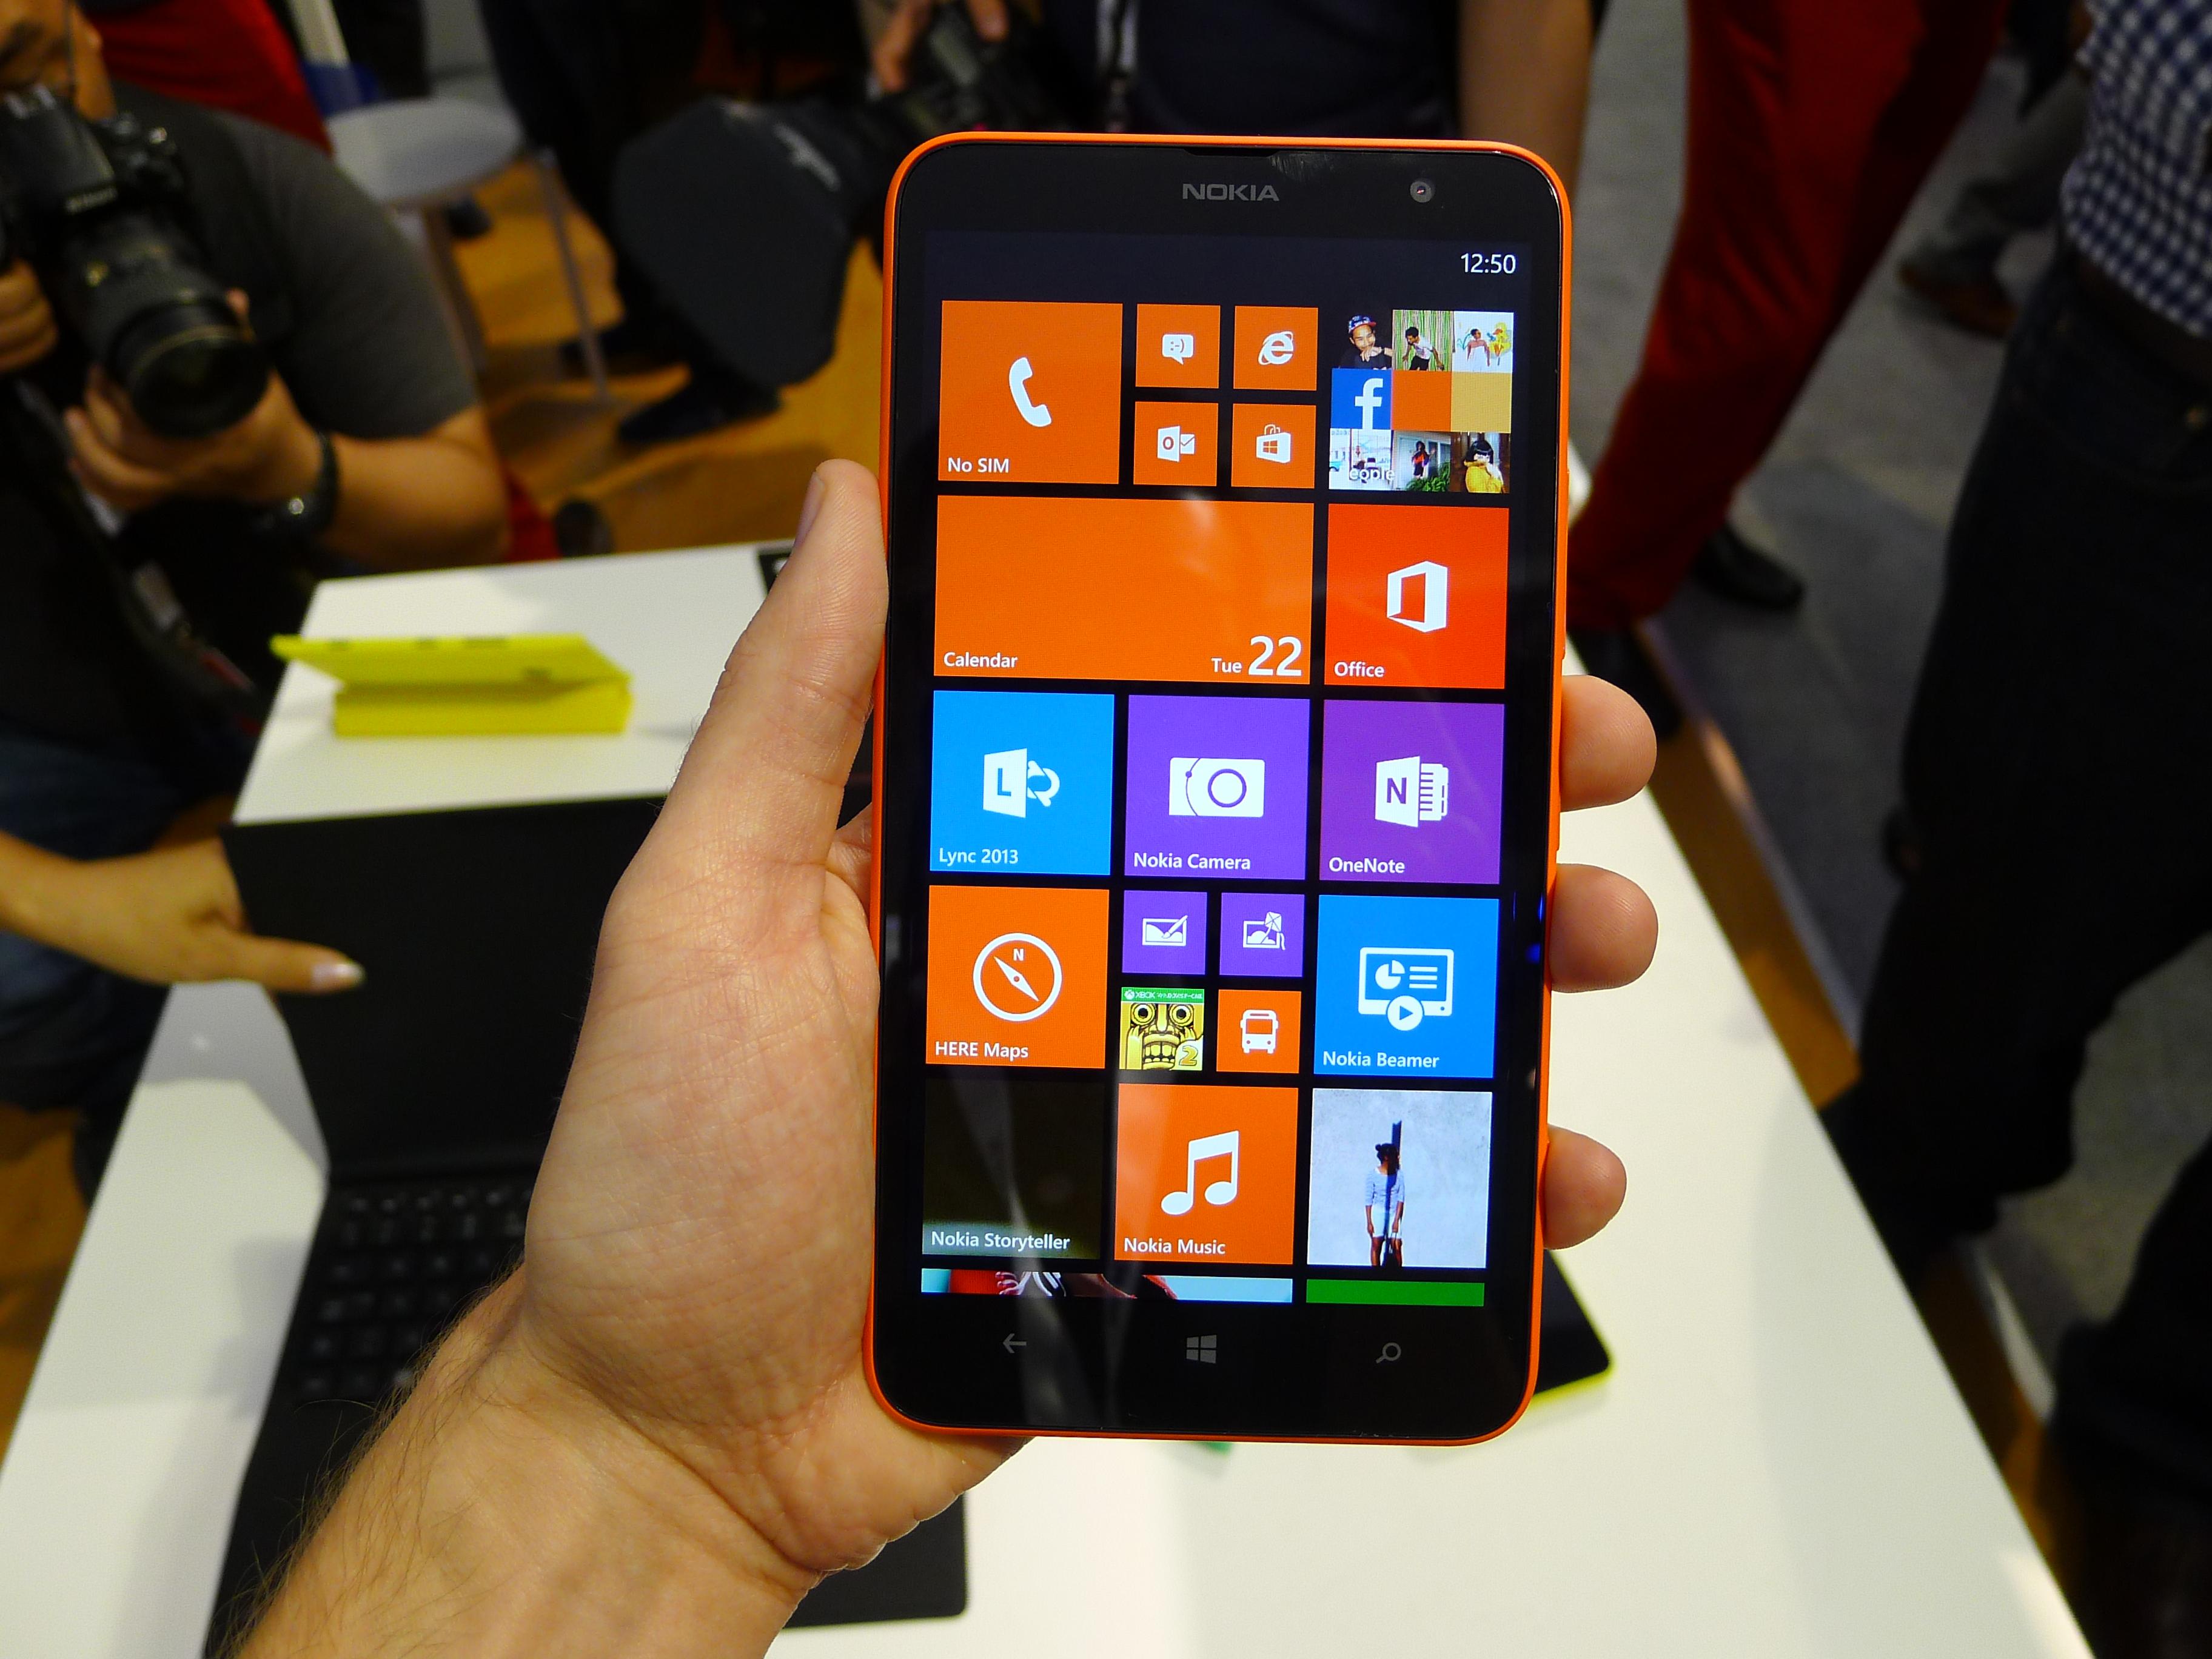 ТОП 3 способа Как установить драйвера на Windows 7: Nokia Lumia 1320 Скачать Драйвер без